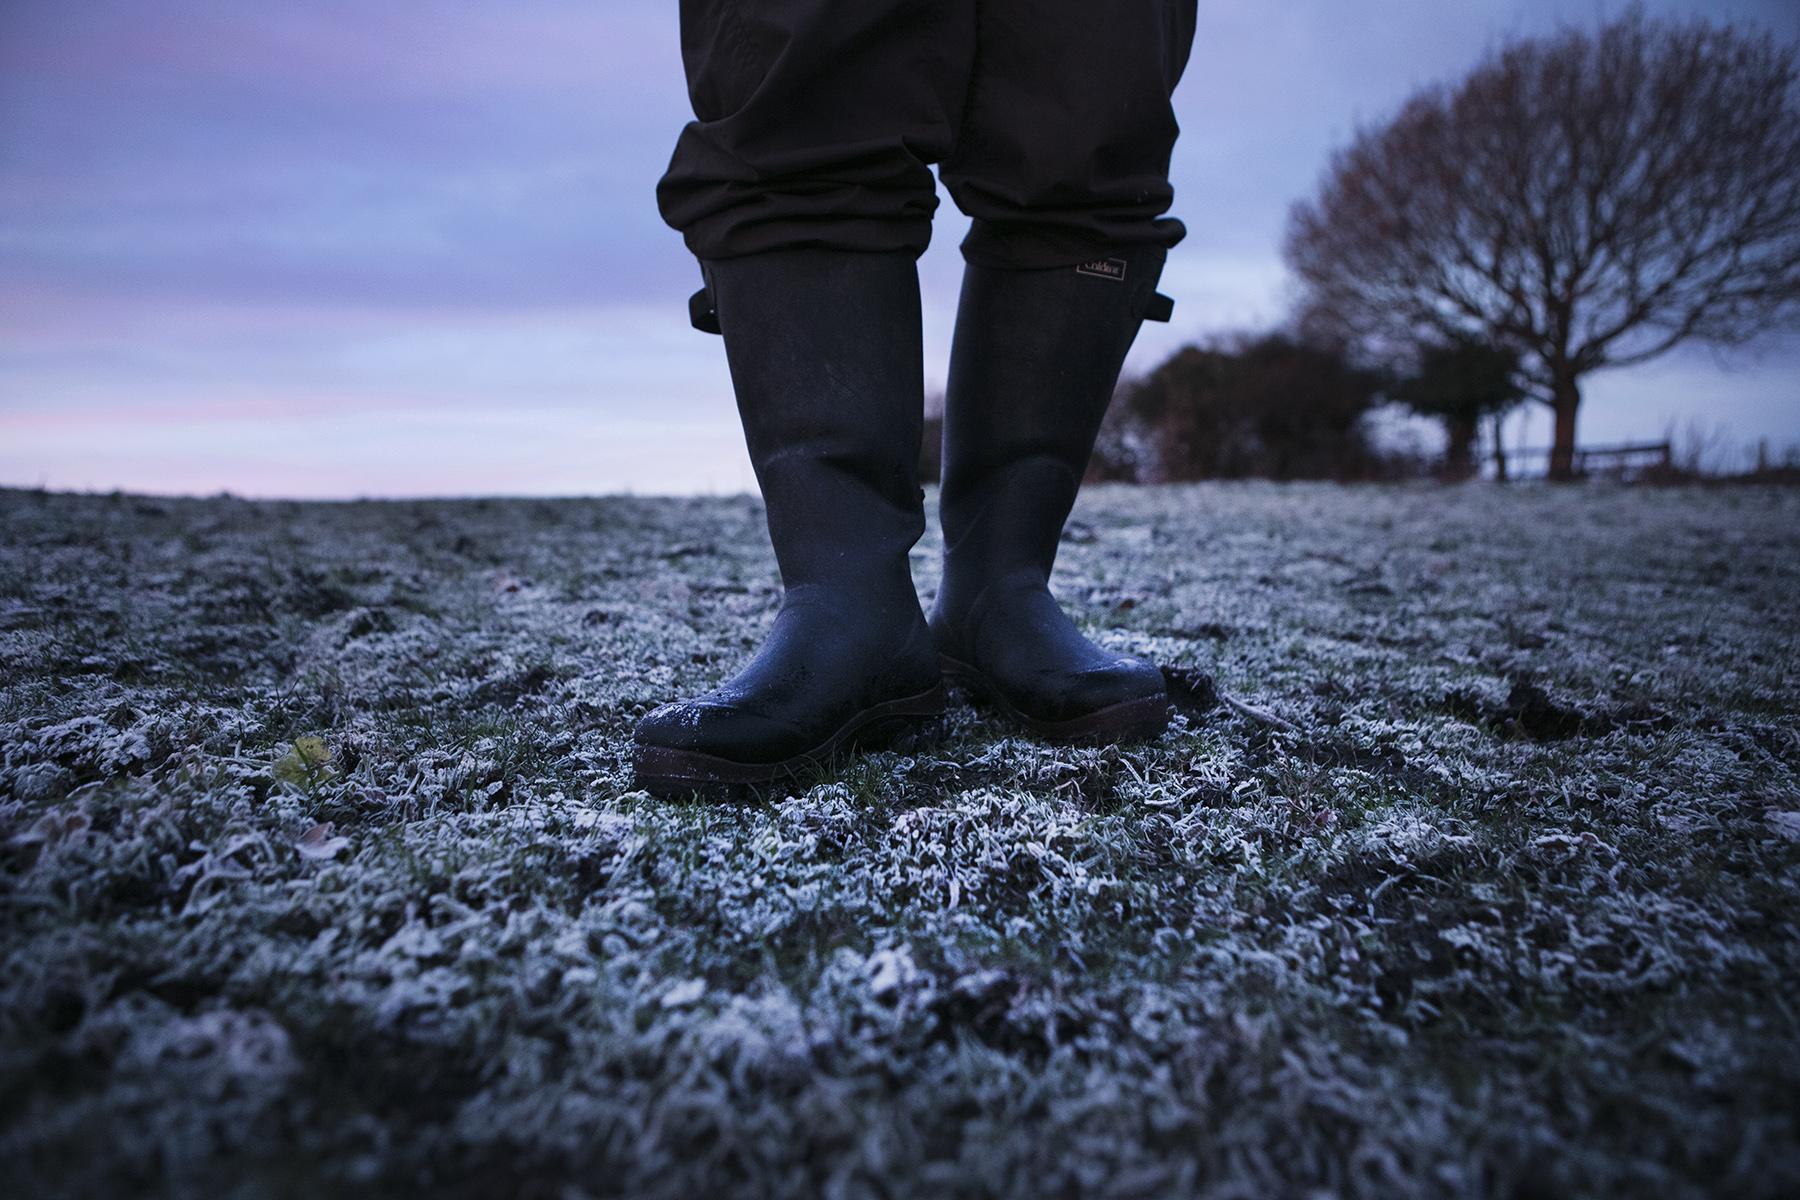 Dan Prince - Wellington boots in field